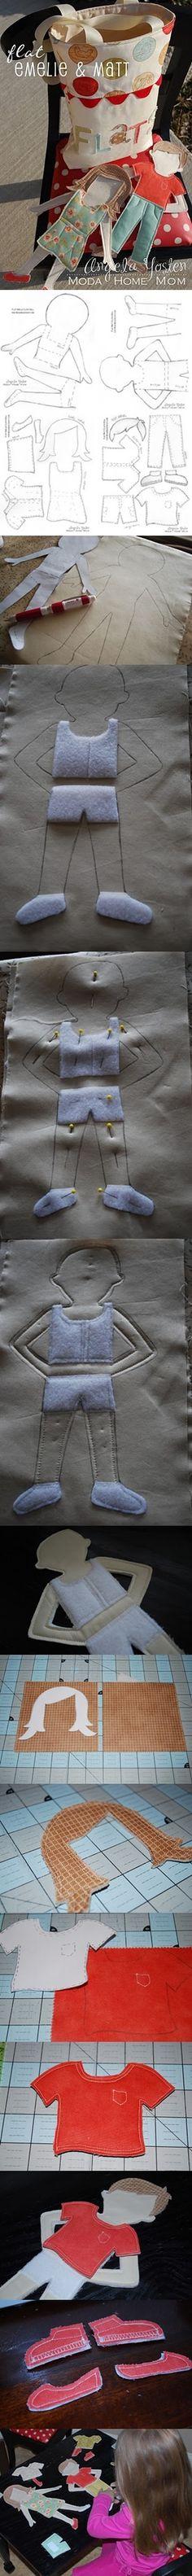 Paper Doll - Emelie & Matt